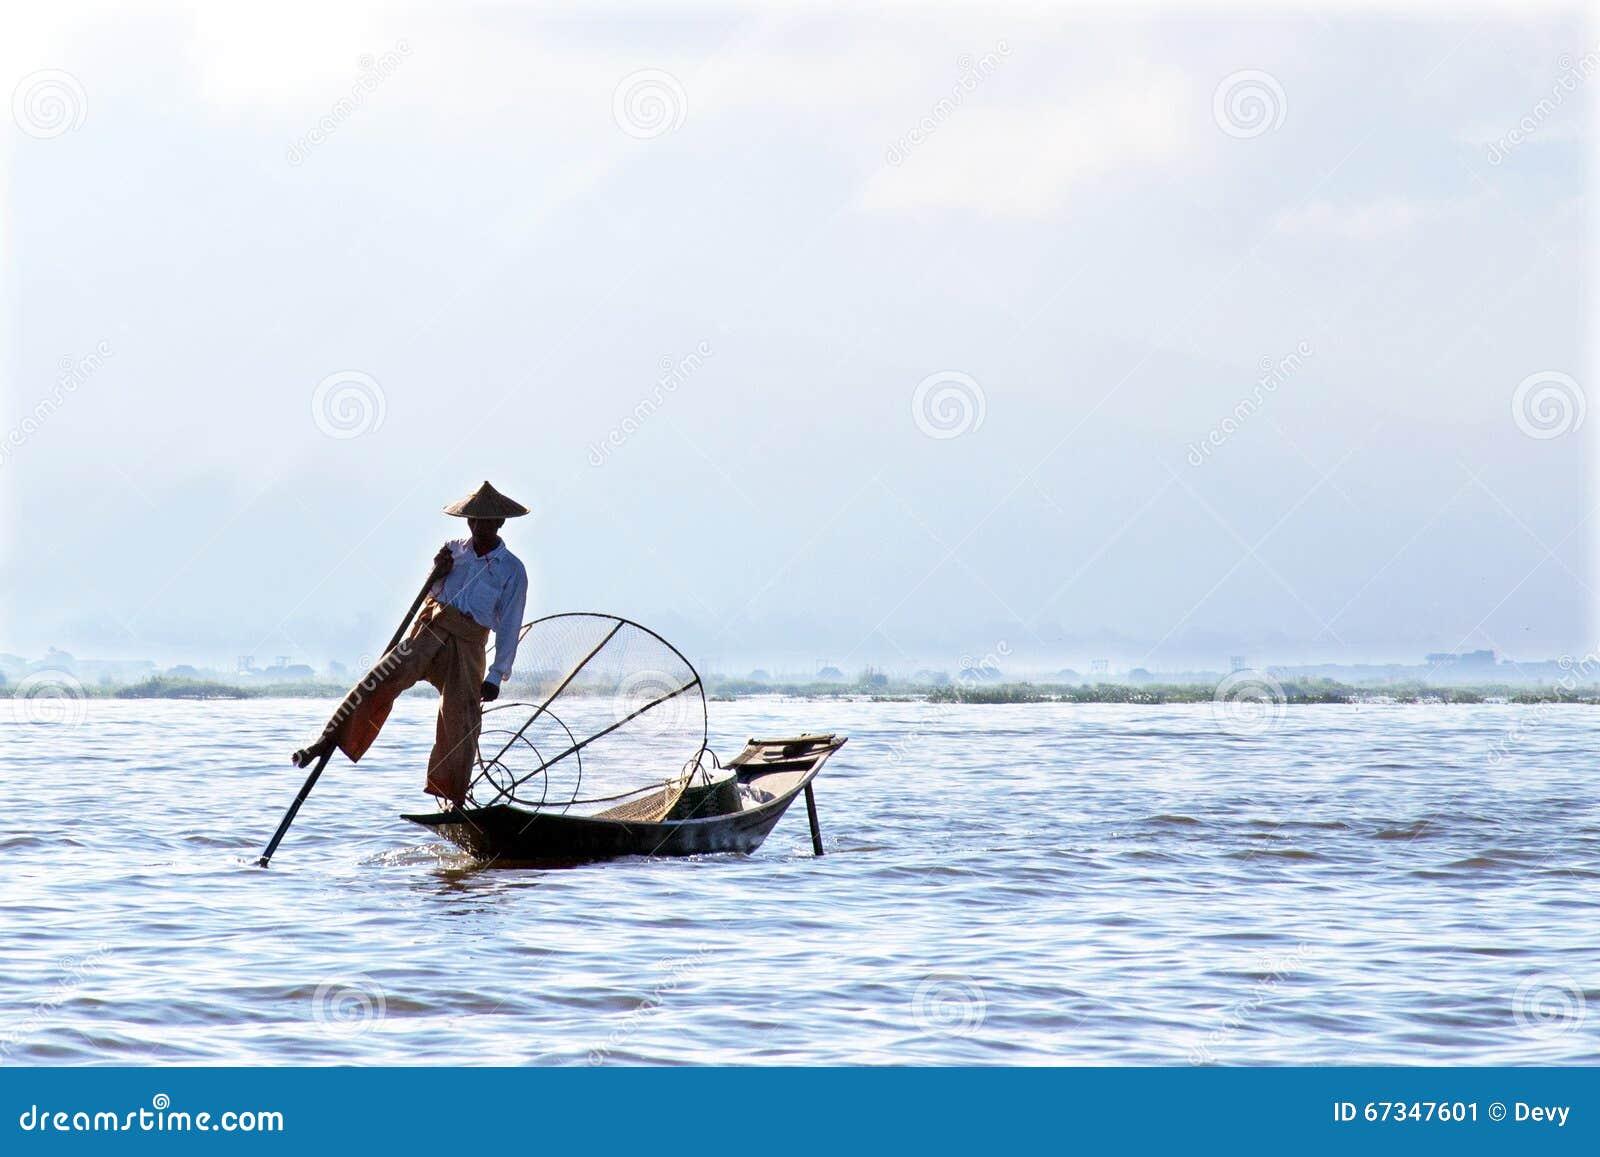 Inle Lake Fisherman Editorial Image - Image: 92338150